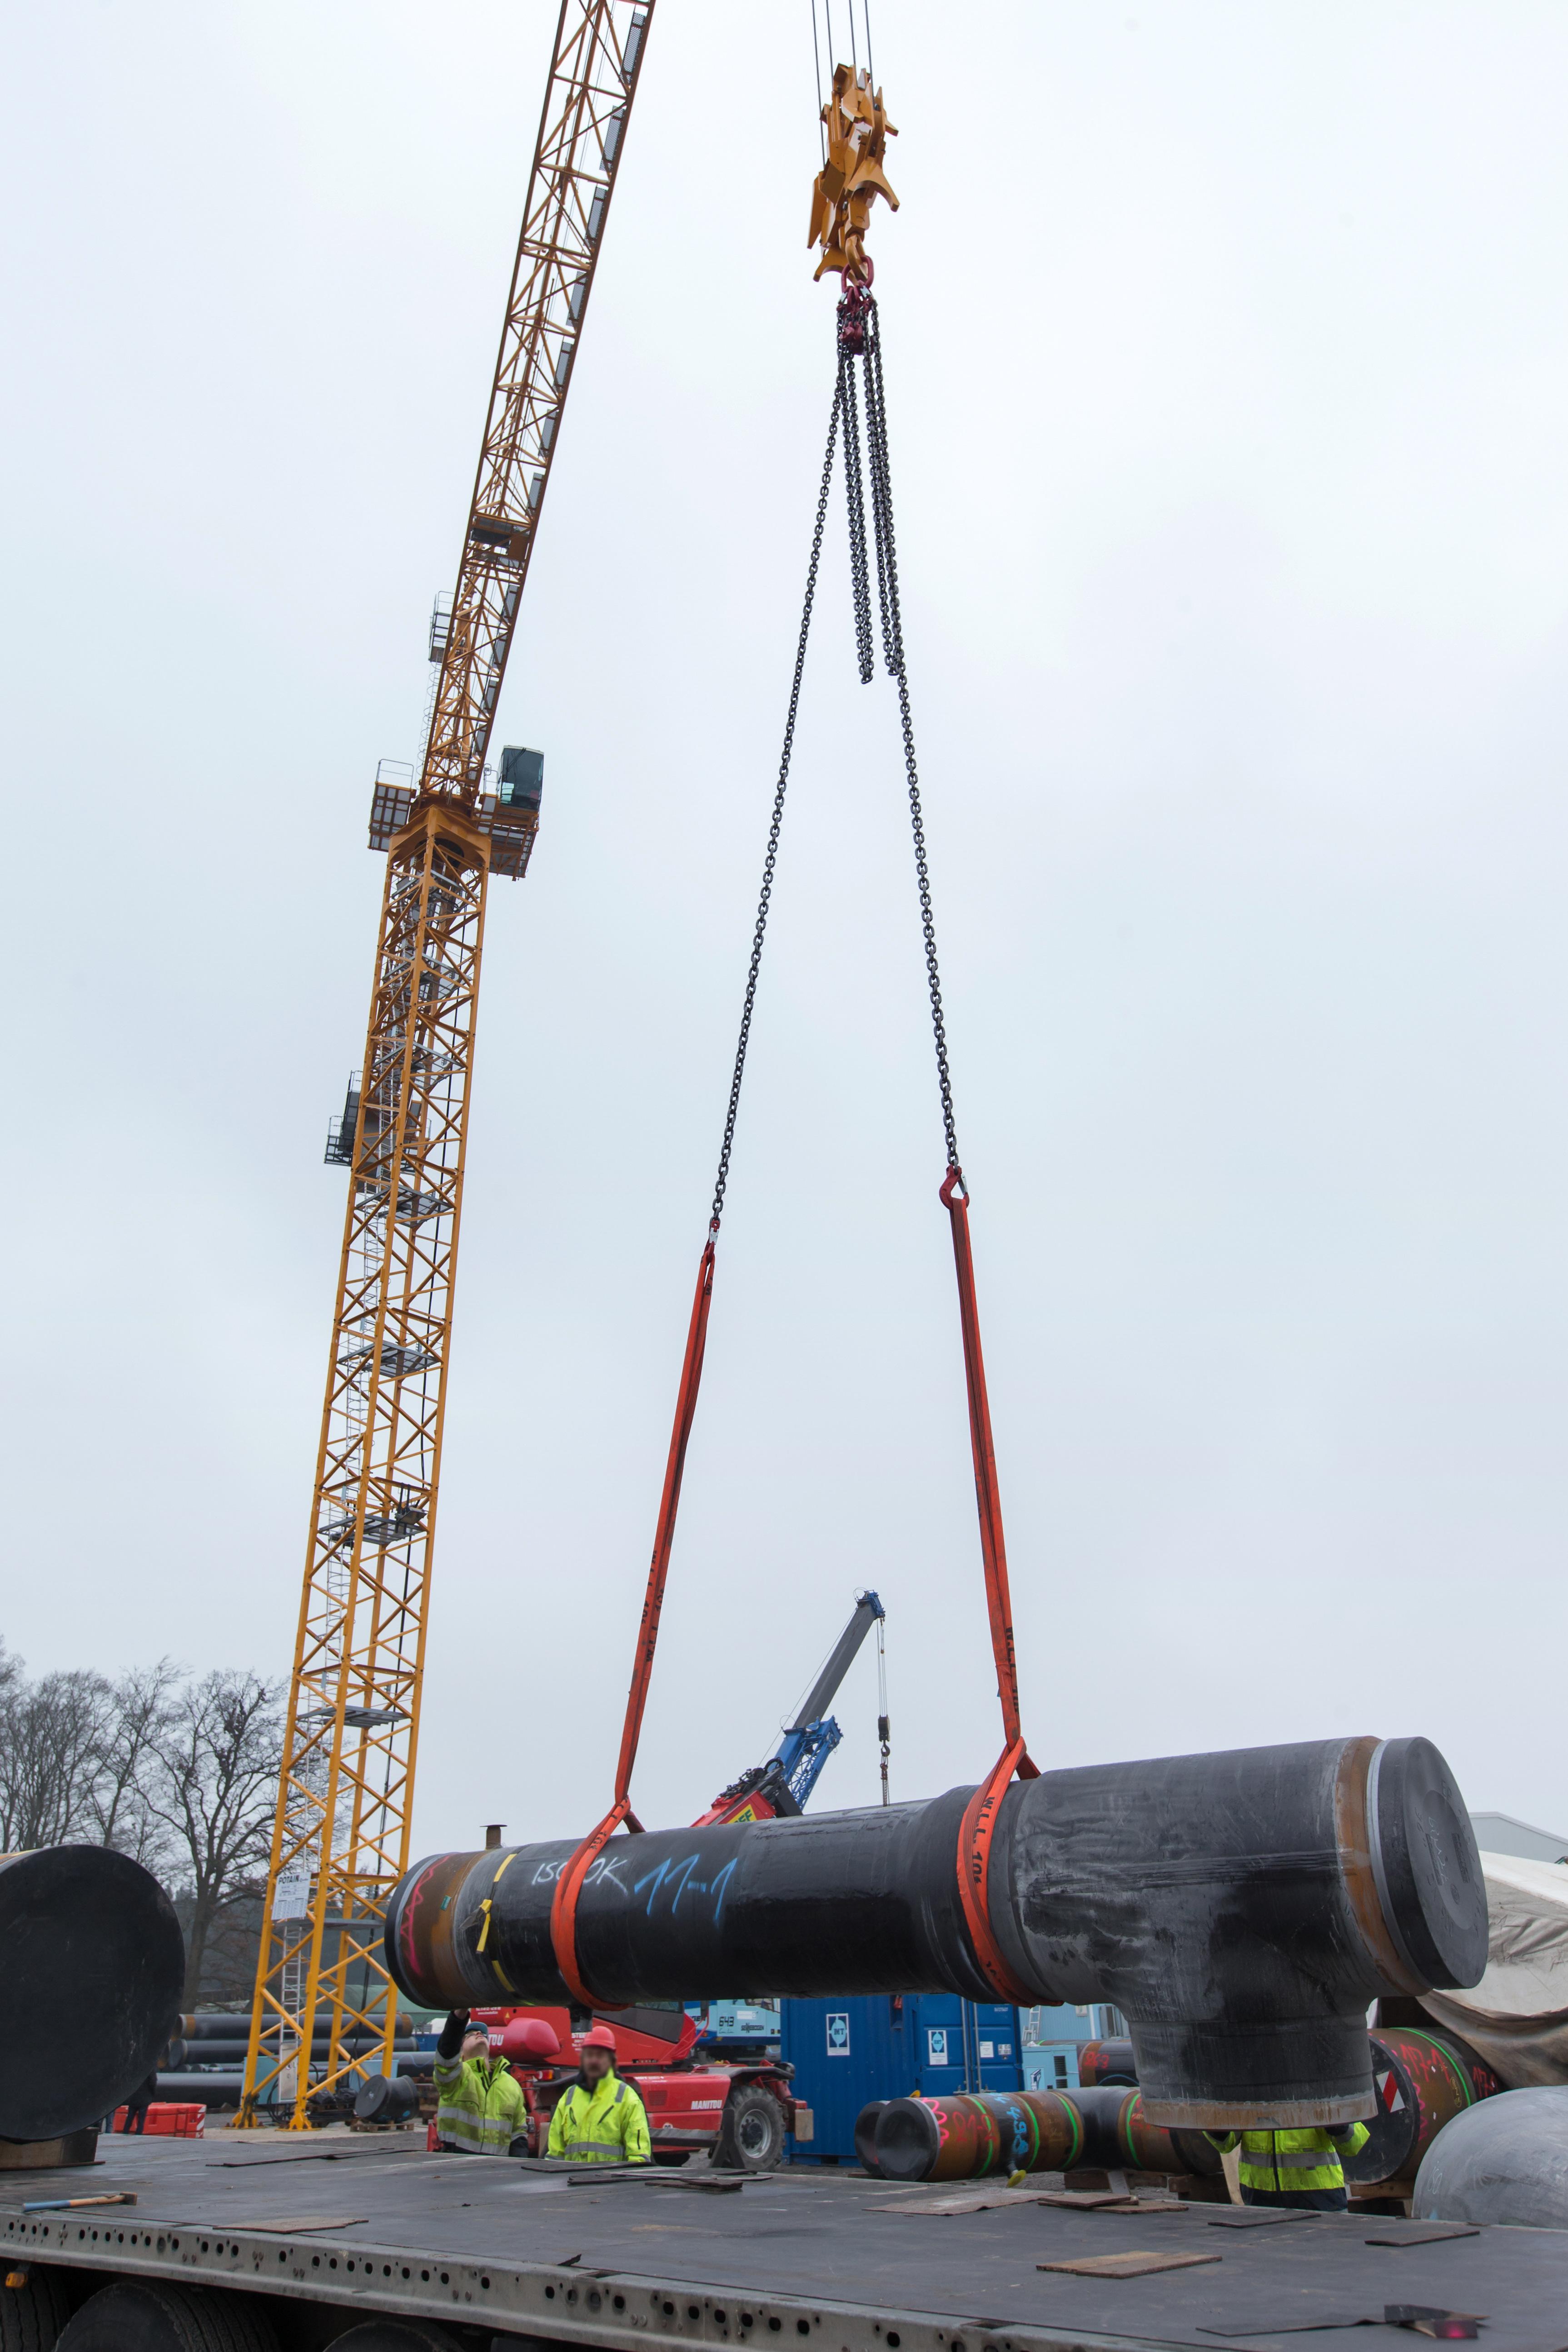 Potain MD 569 vereinfacht Umschlag- und Montagearbeiten bei Oldenburger Anlagenbauer